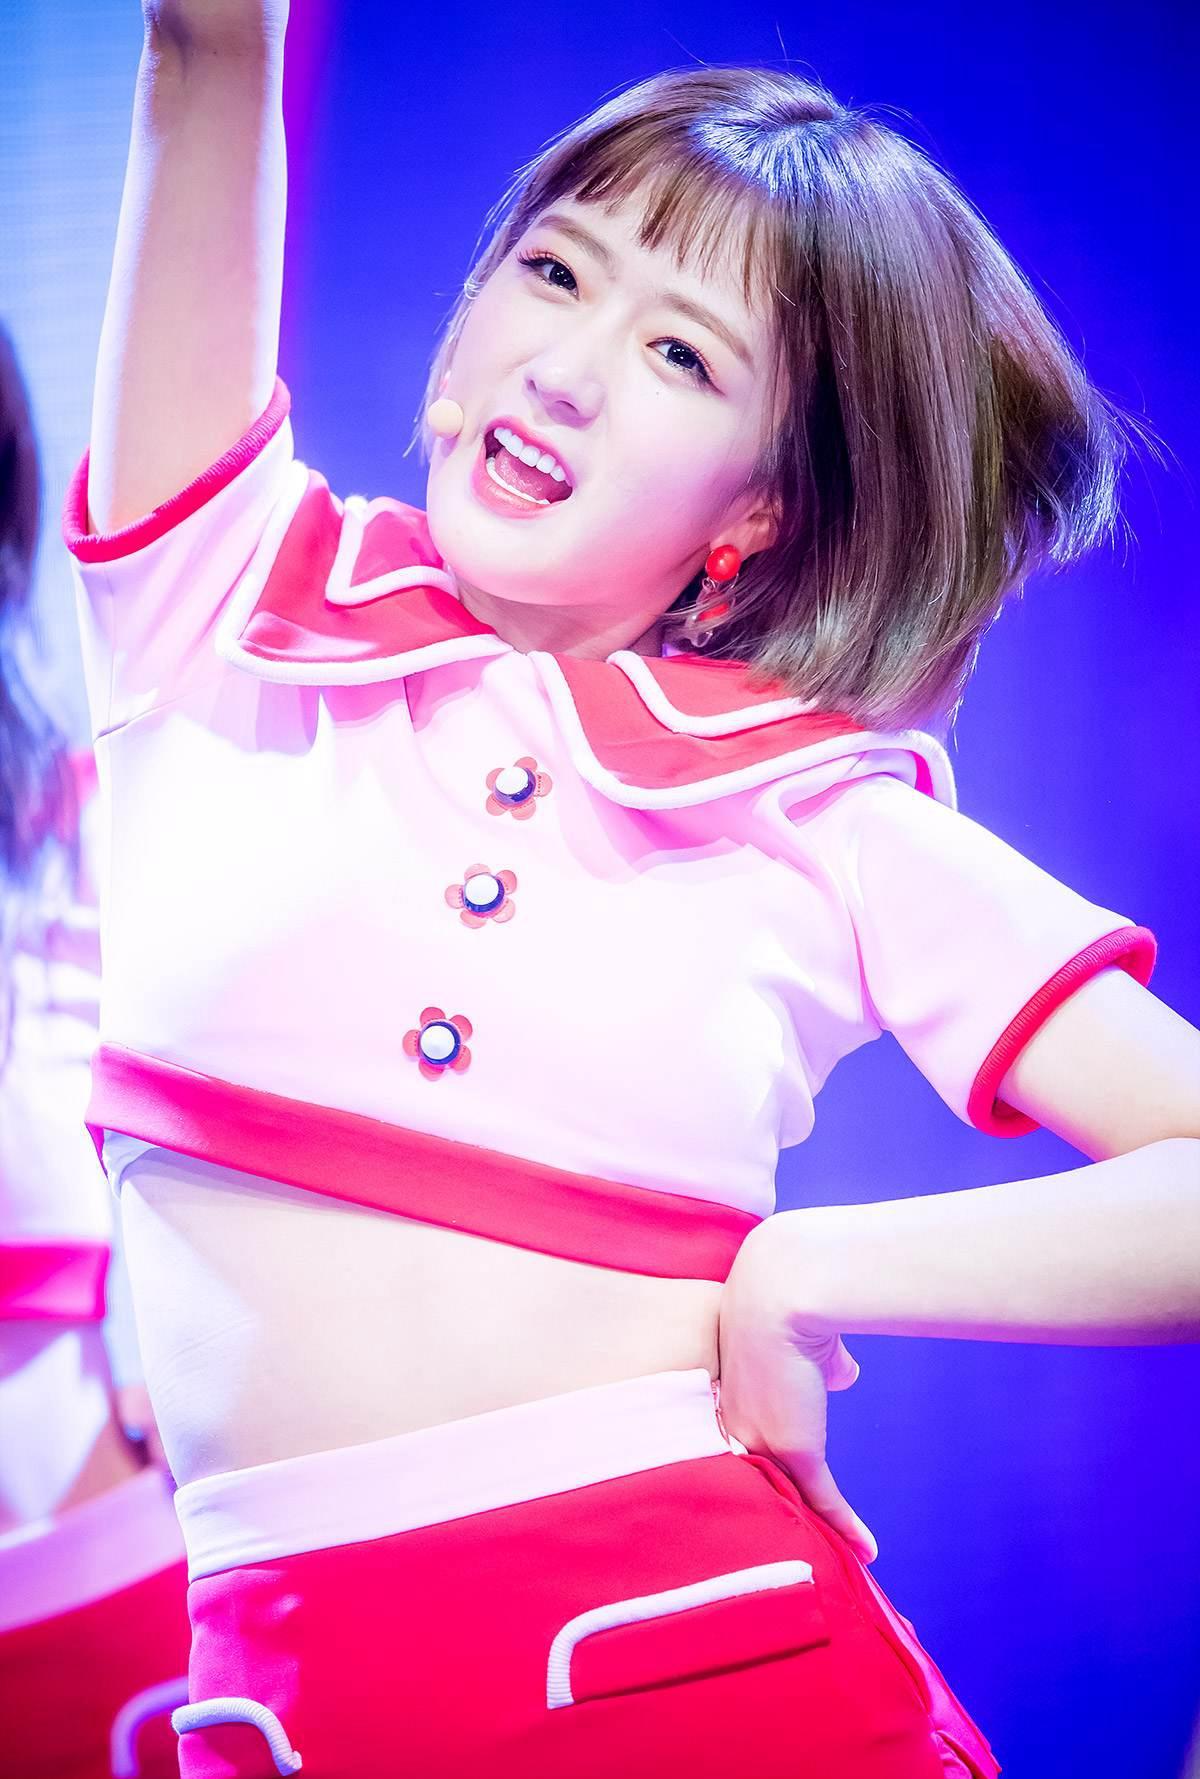 看到她们心情会好!韩国女团中的7位开朗少女,活泼、爱笑是她们的共同点插图2